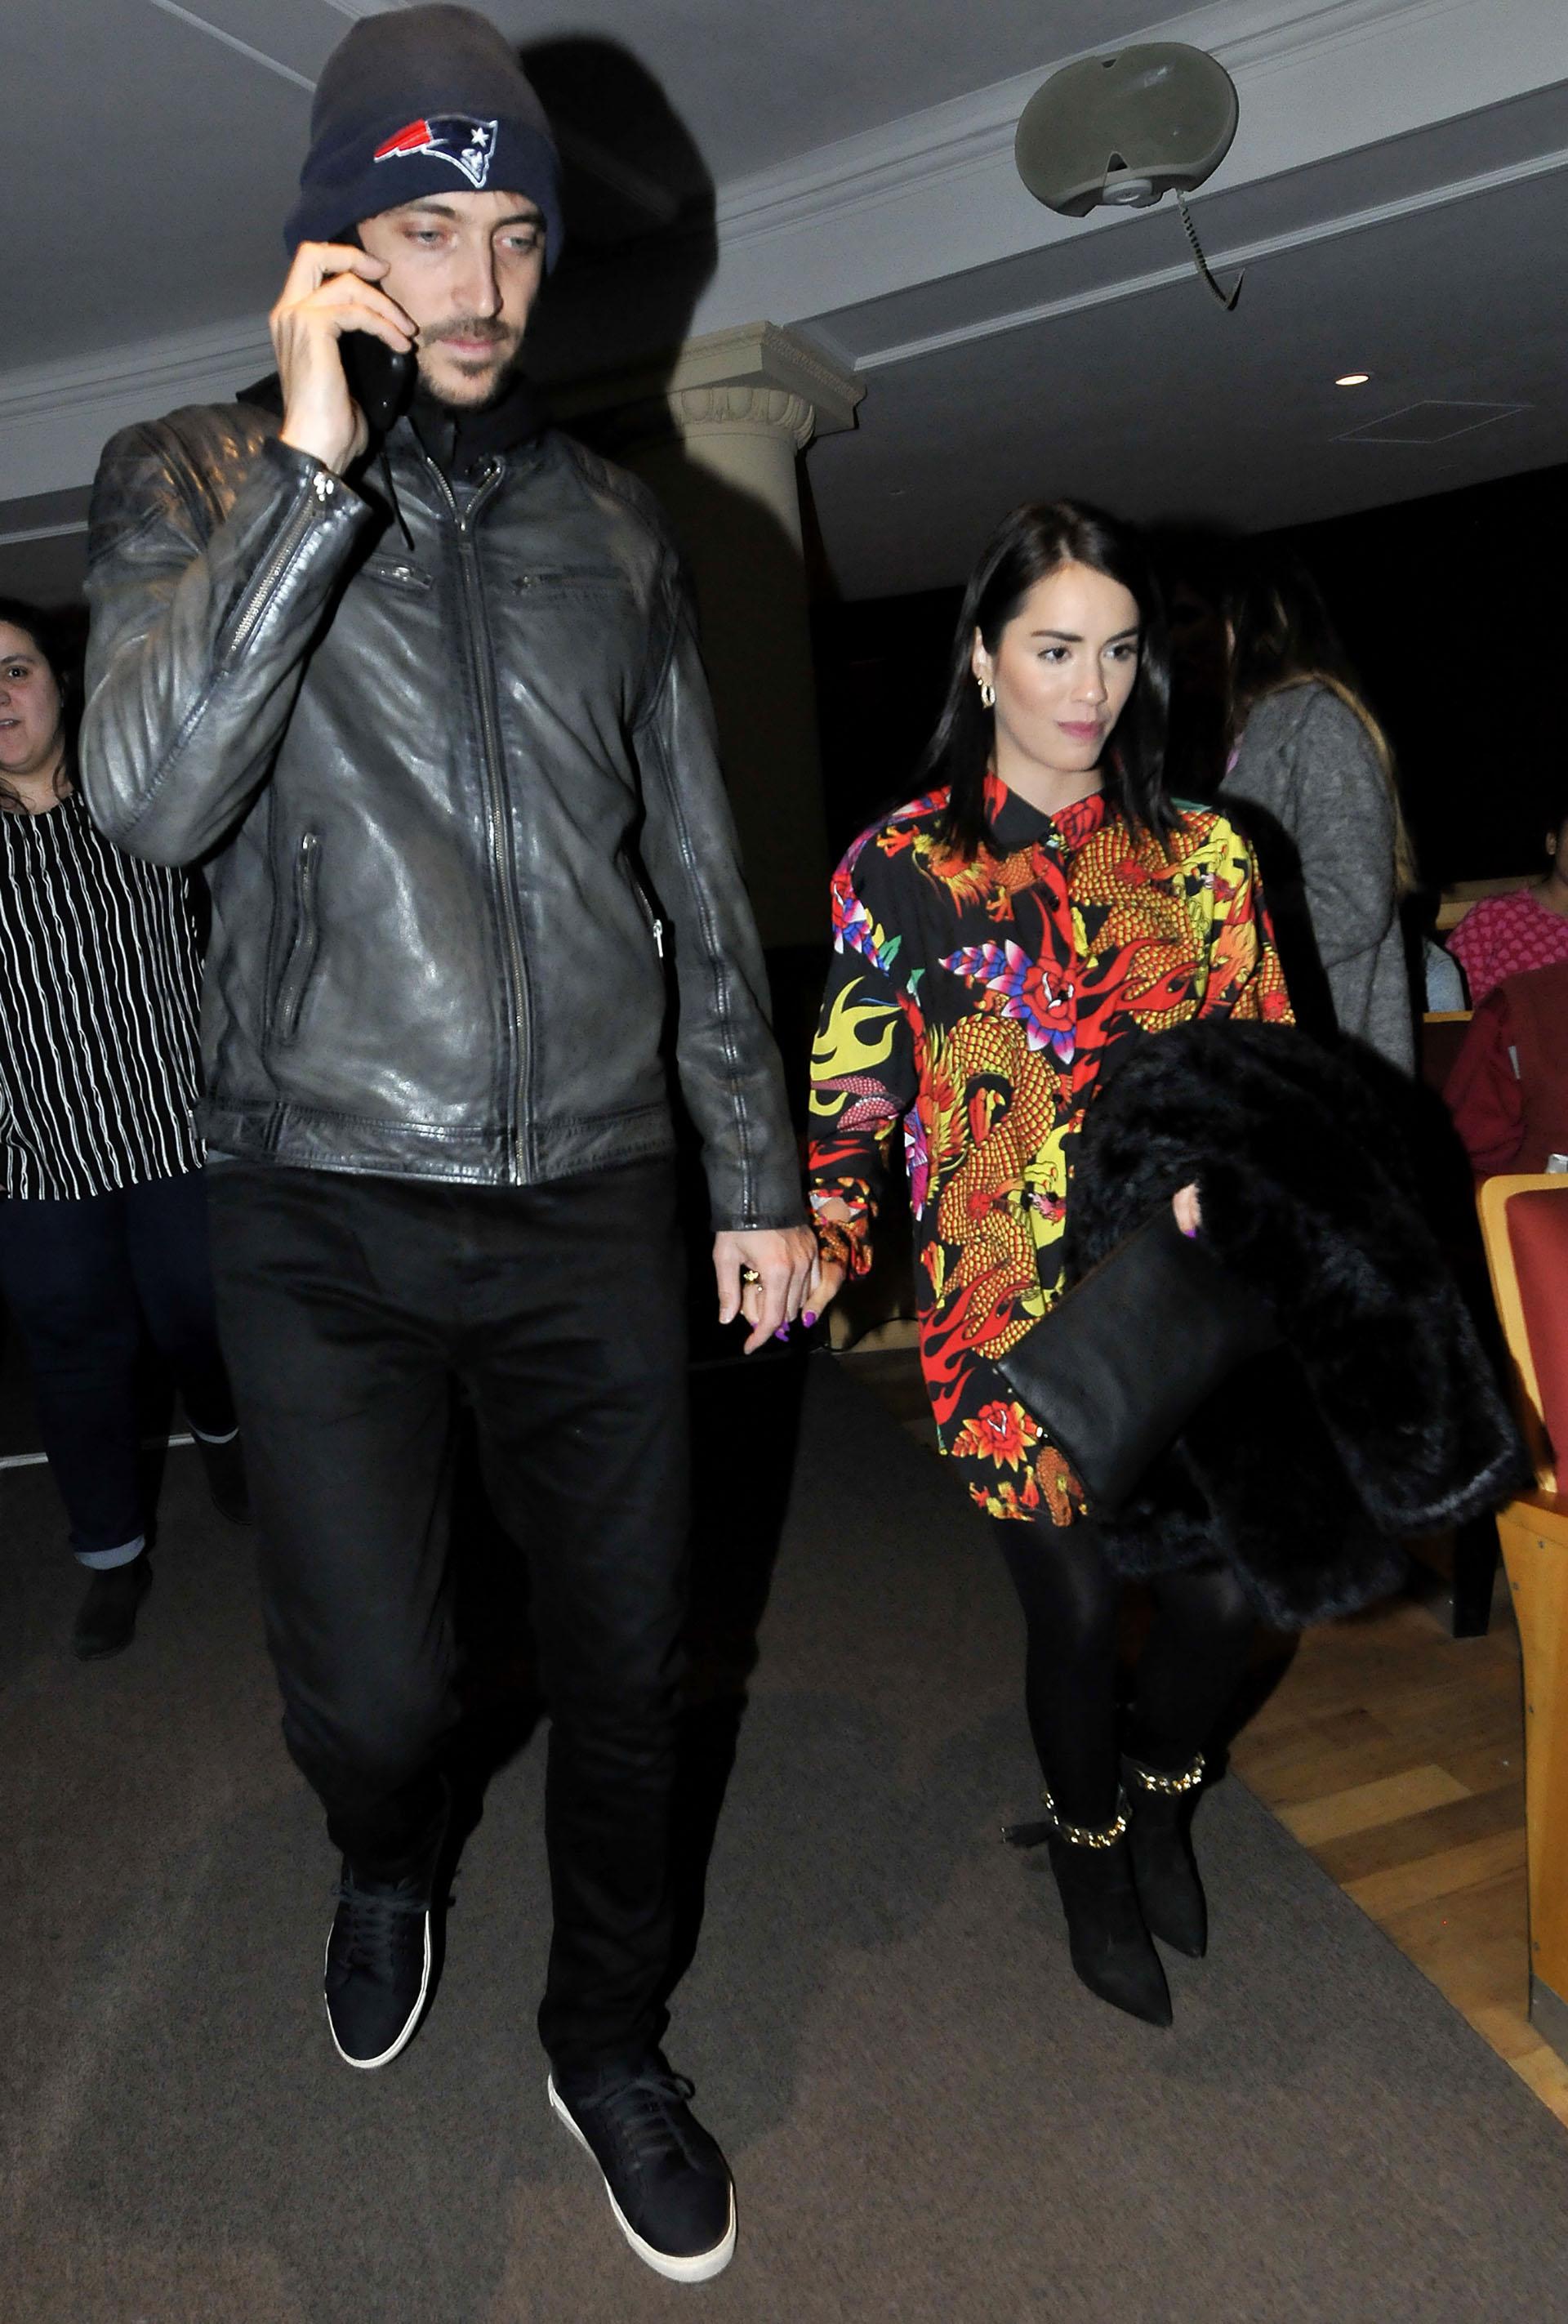 La artista no se despegó de su novio, Santiago Mocorrea, durante todo el evento